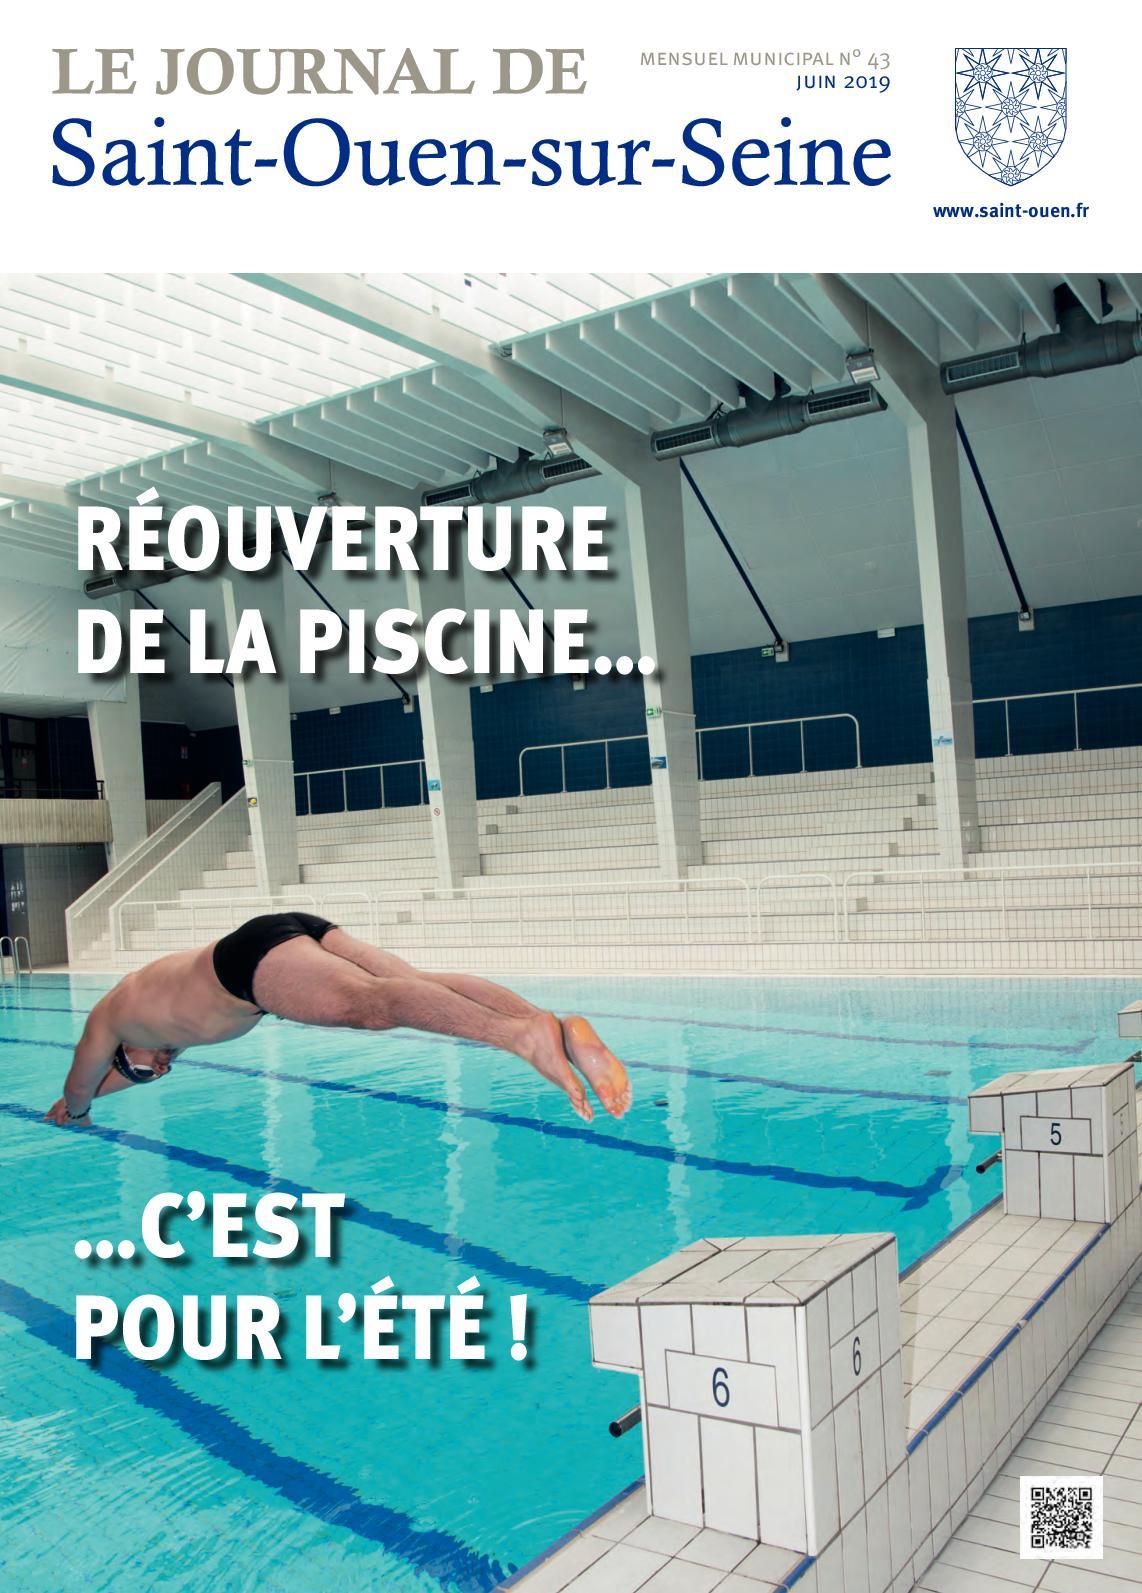 Calaméo - Le Journal De Saint-Ouen-Sur-Seine (N°43 - Juin 2019) intérieur Piscine Chatillon Sur Seine